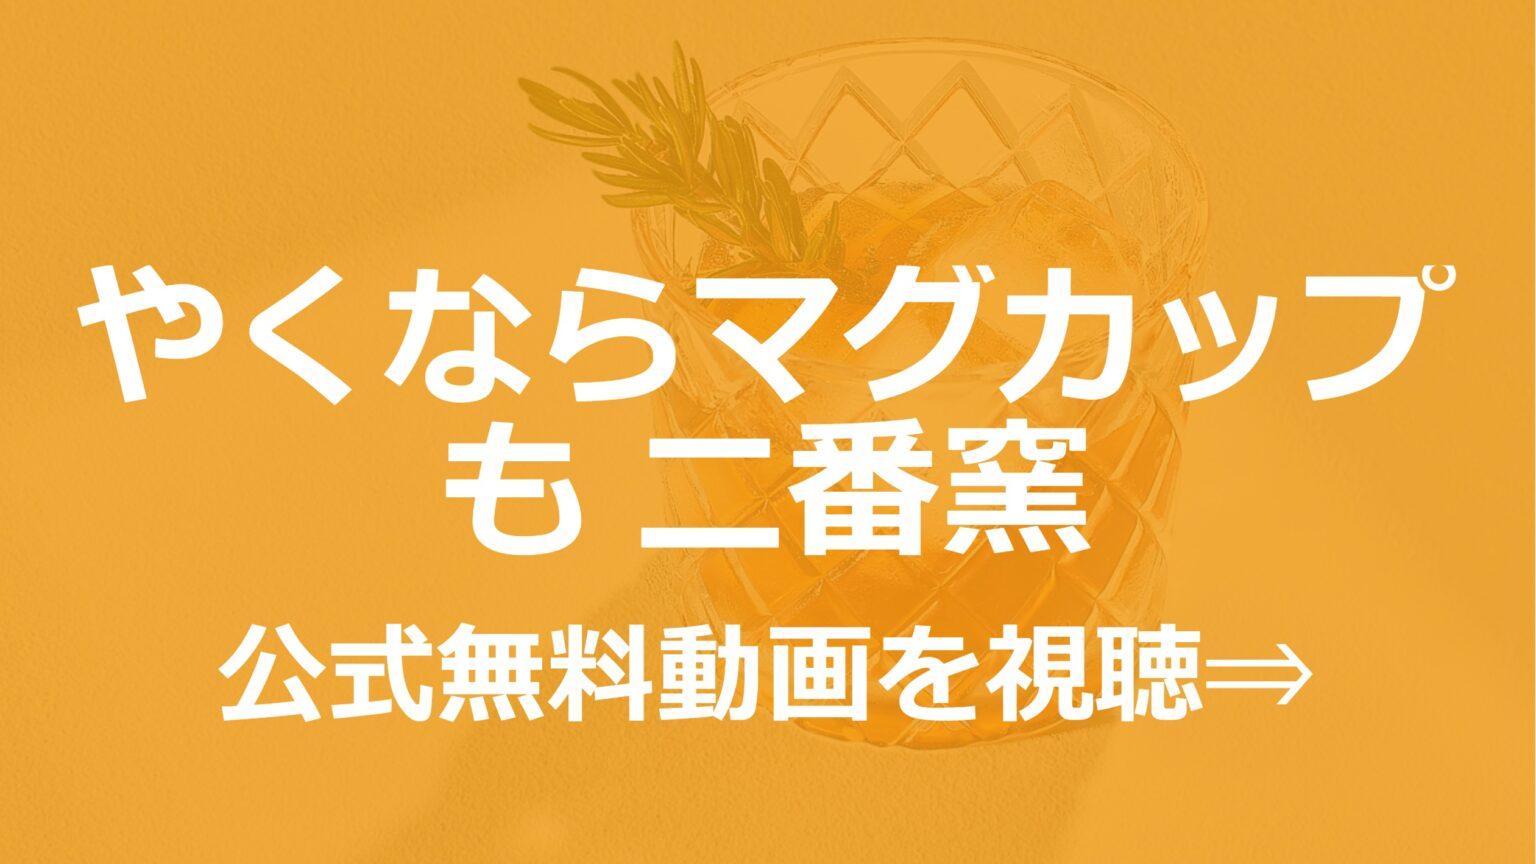 アニメ「やくならマグカップも 二番窯」無料フル動画を1話~全話視聴できる公式配信サービスまとめ!